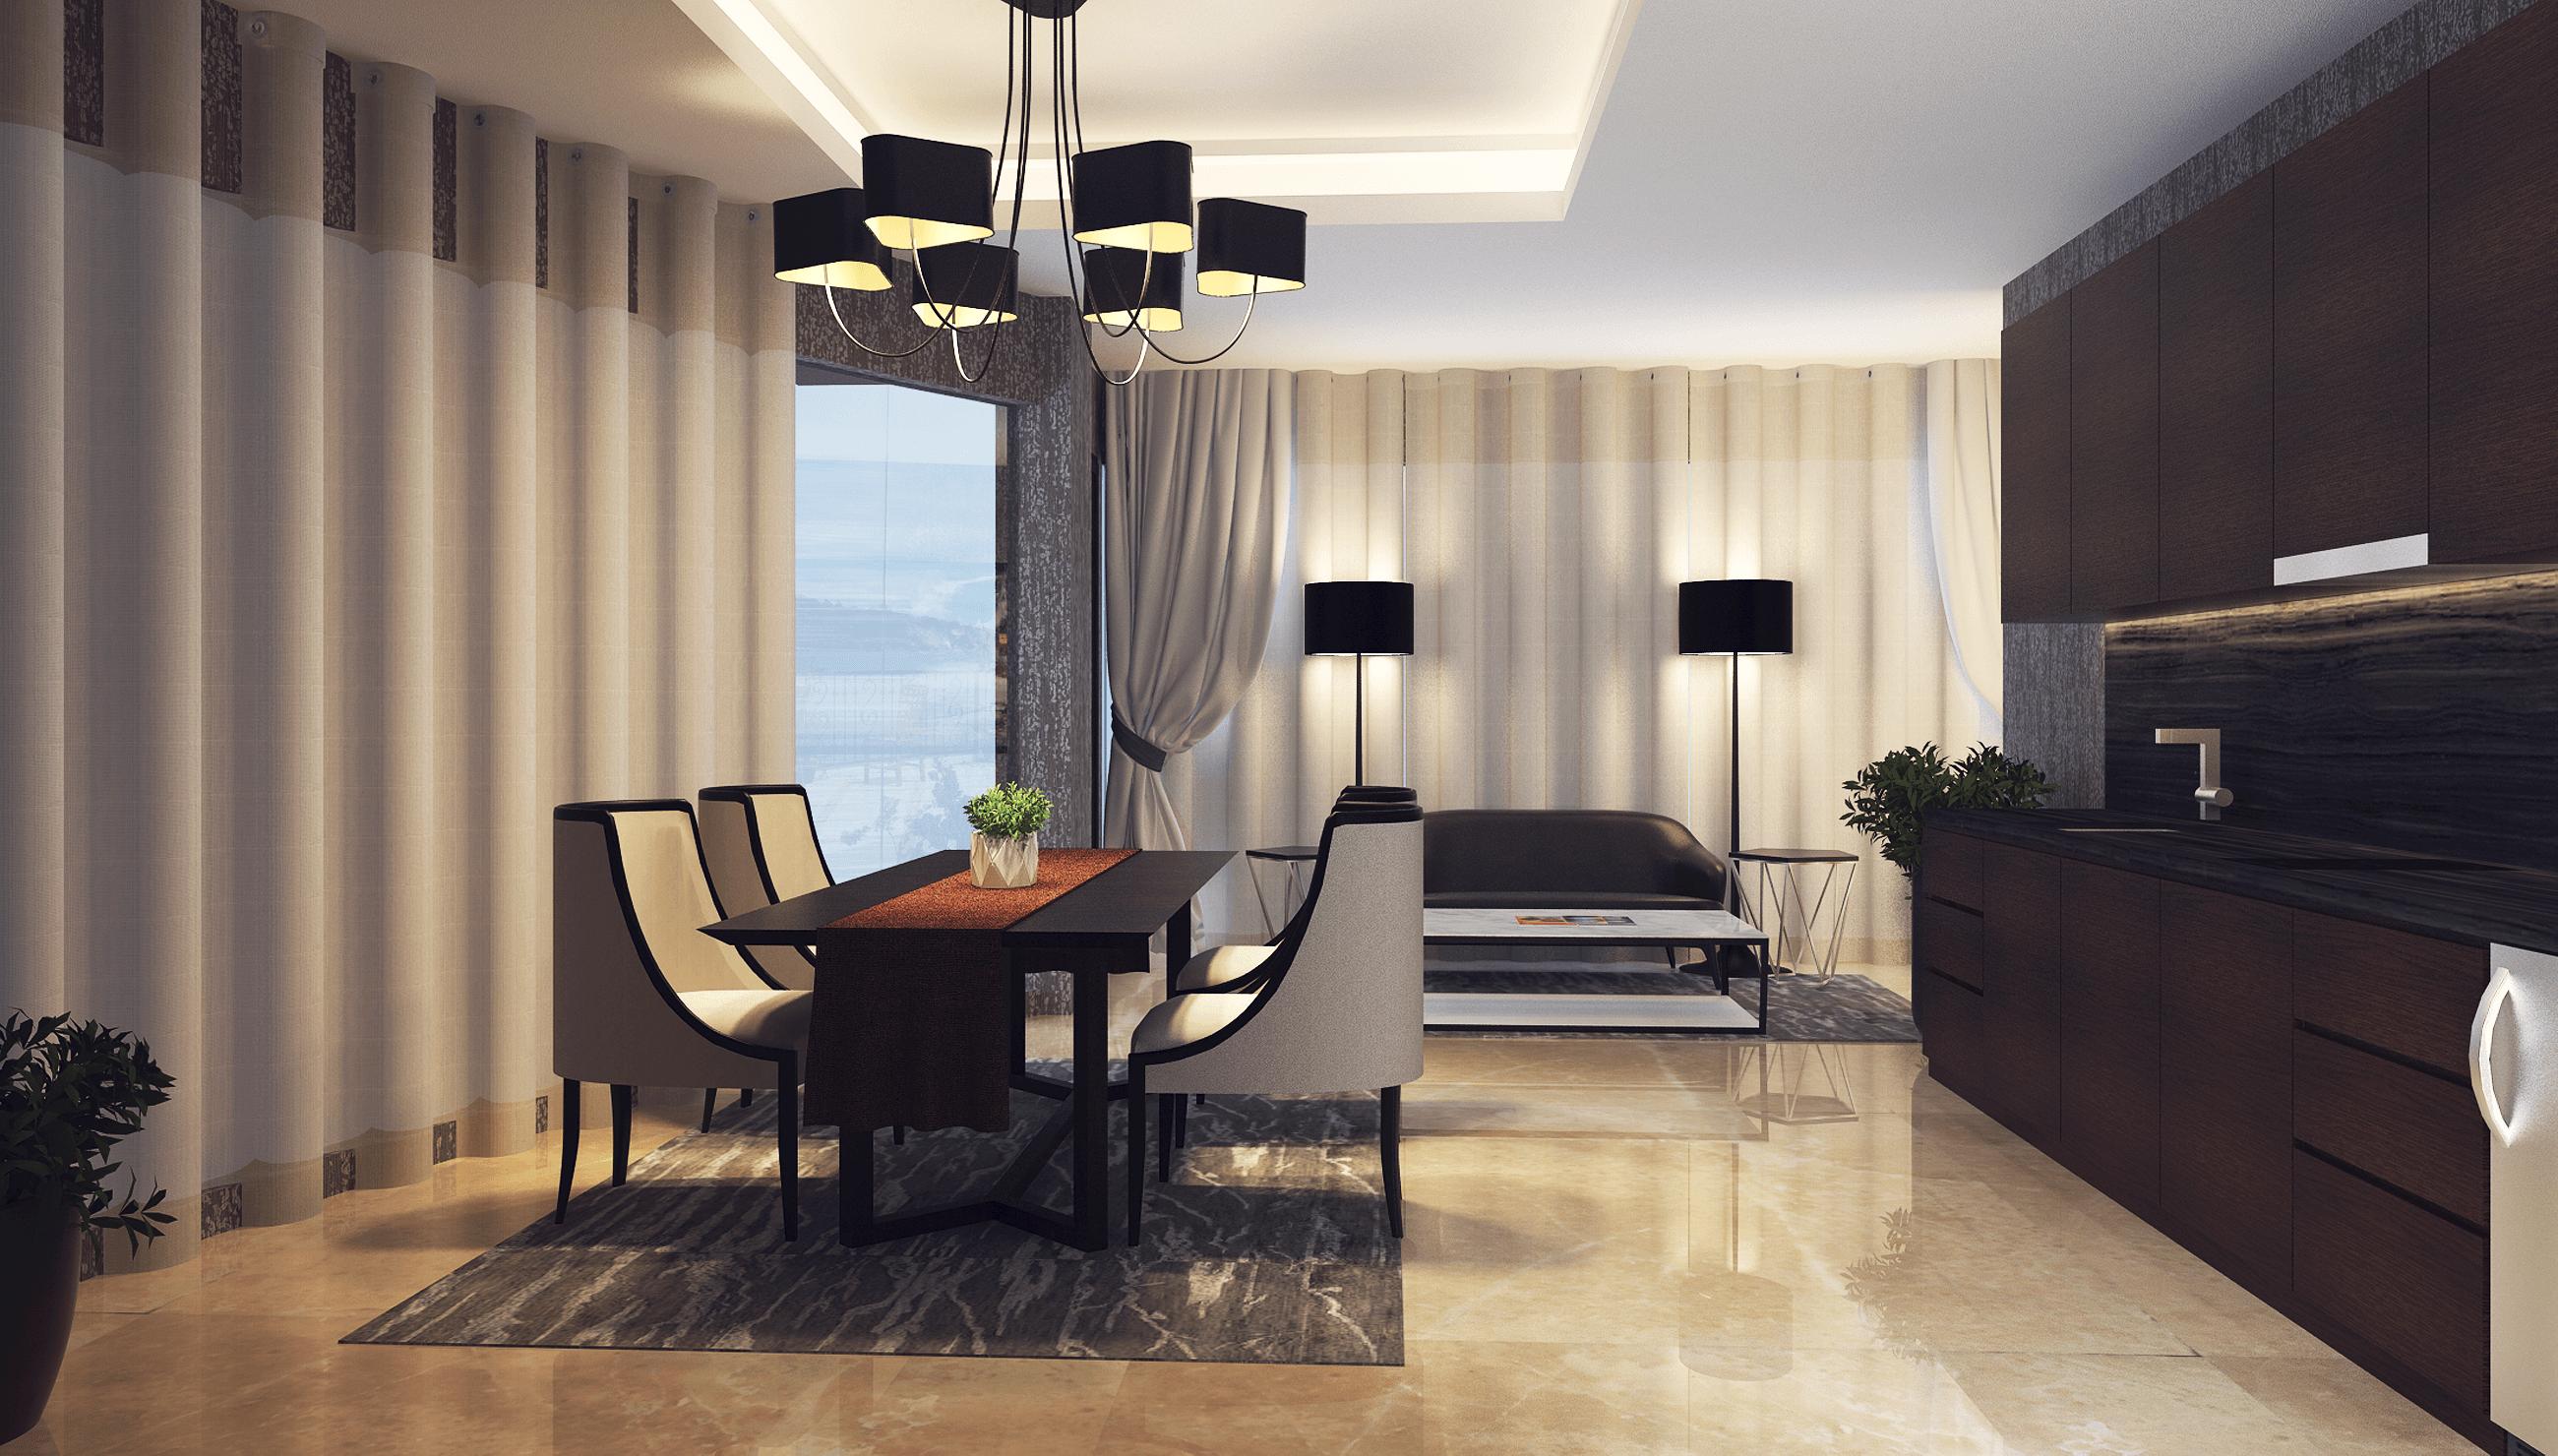 Pt. Modula Gnb Hotel Medan Medan Vip Room, Master Type Modern  26953